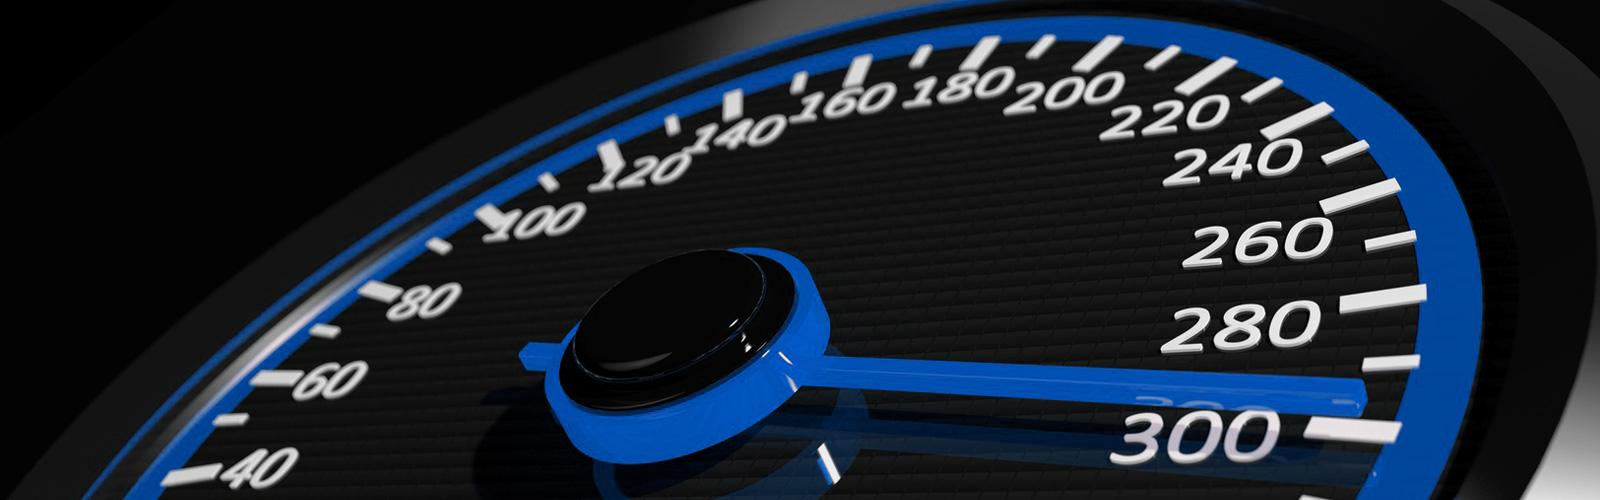 ihr-automakler_tachometer-1600x500